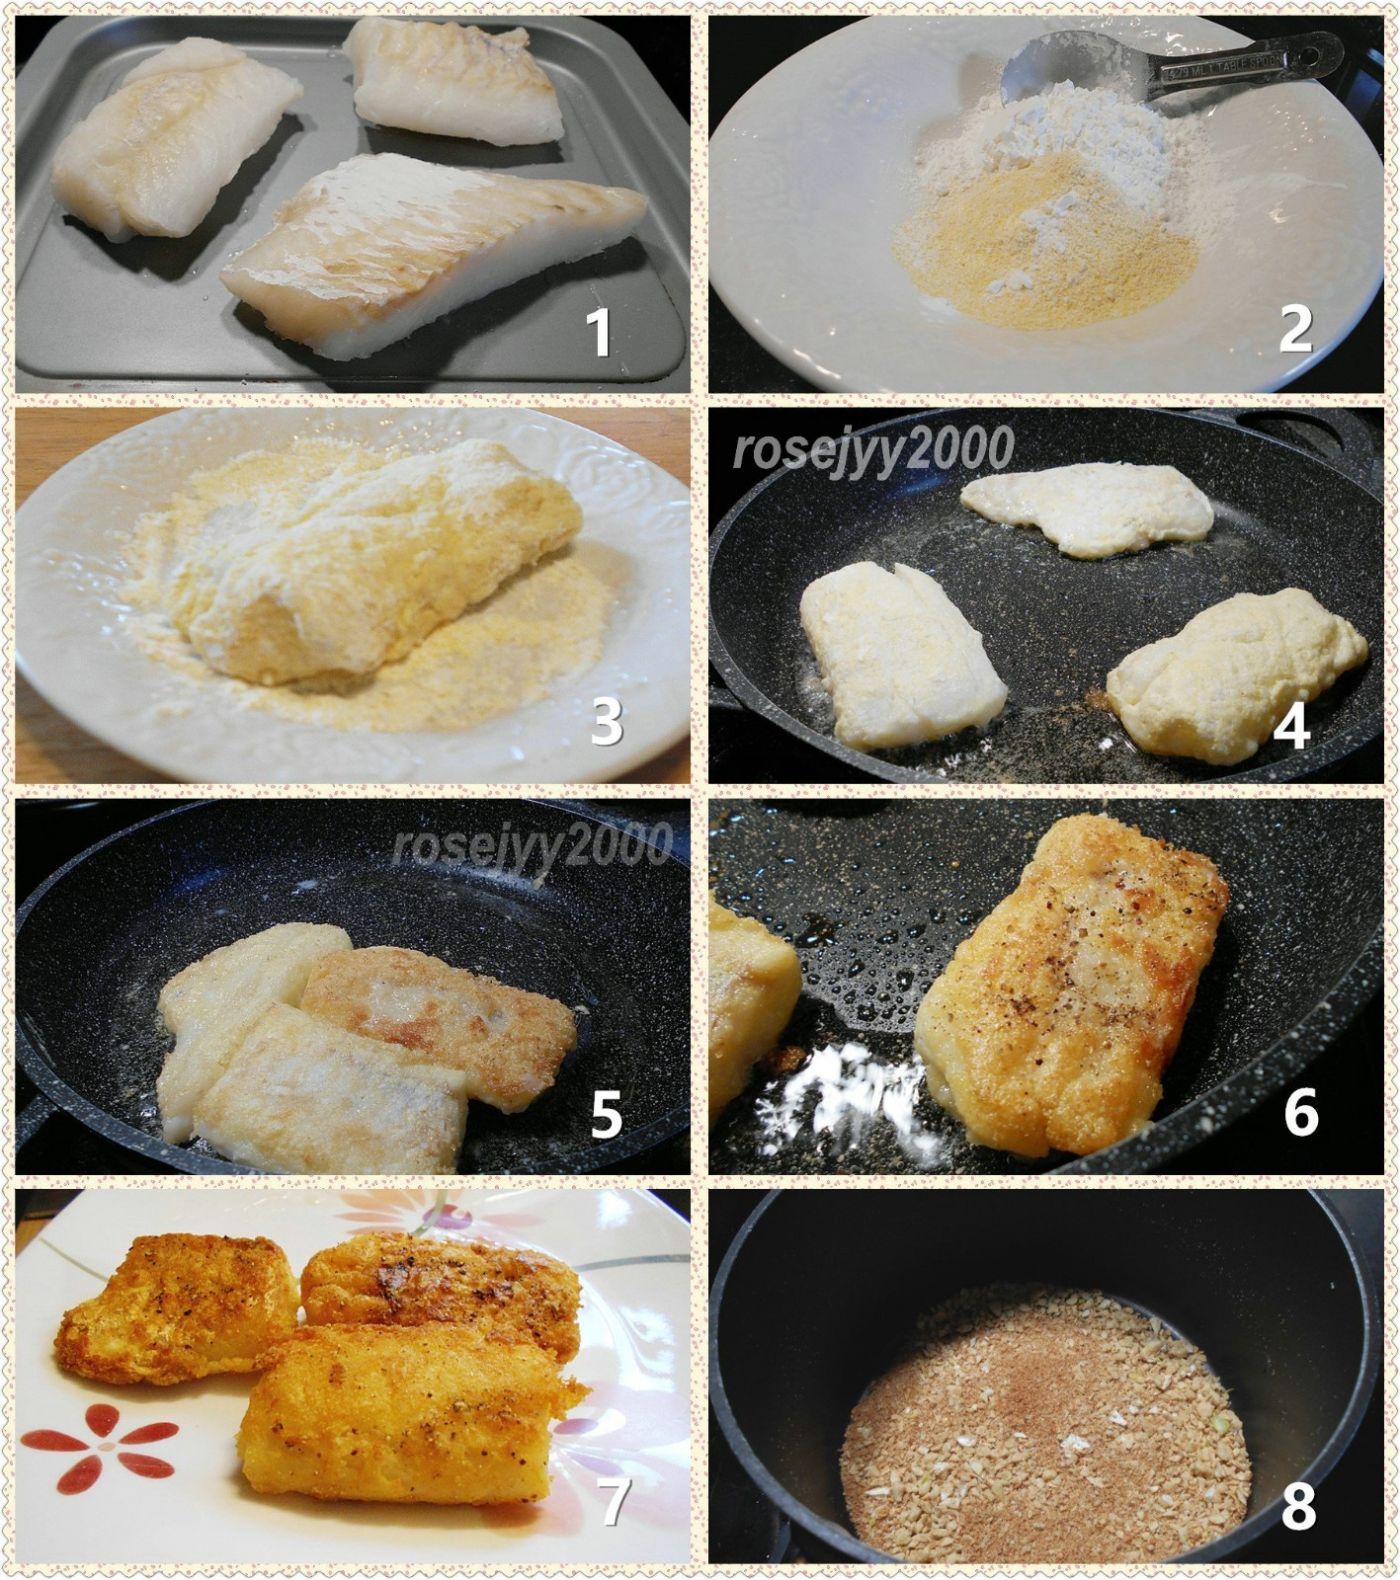 蒜香鳕鱼_图1-2